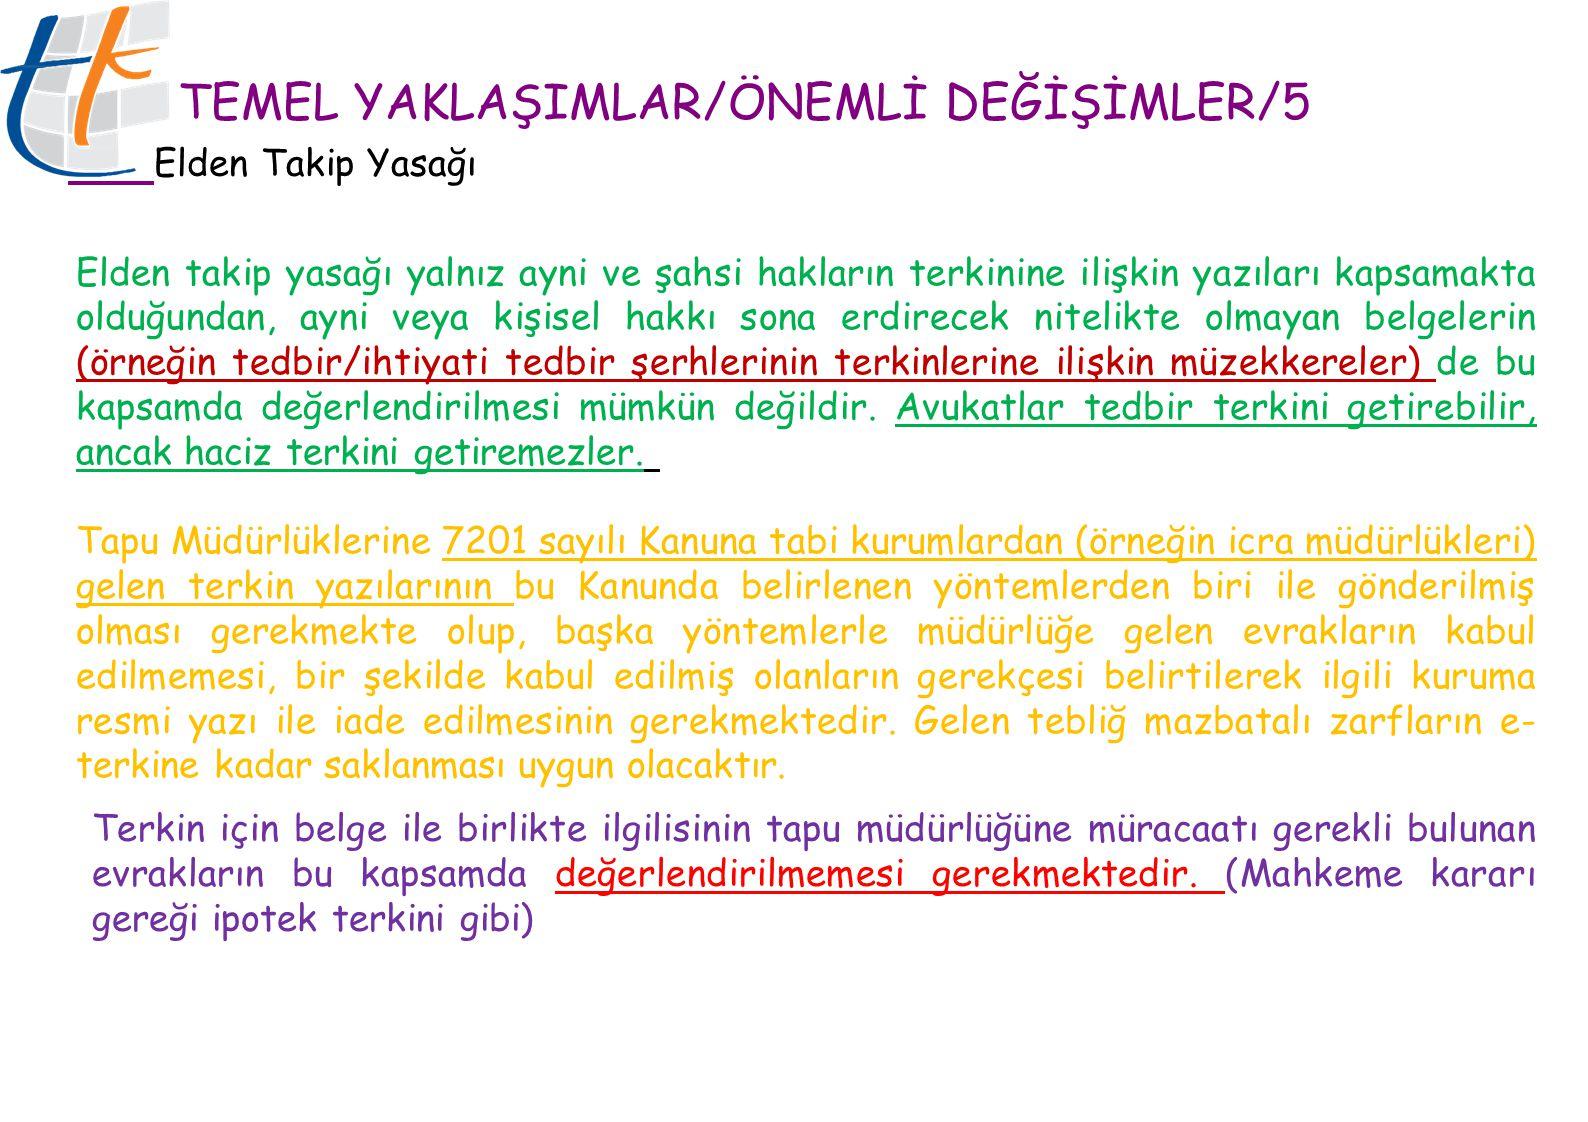 TEMEL YAKLAŞIMLAR/ÖNEMLİ DEĞİŞİMLER/5 Elden Takip Yasağı